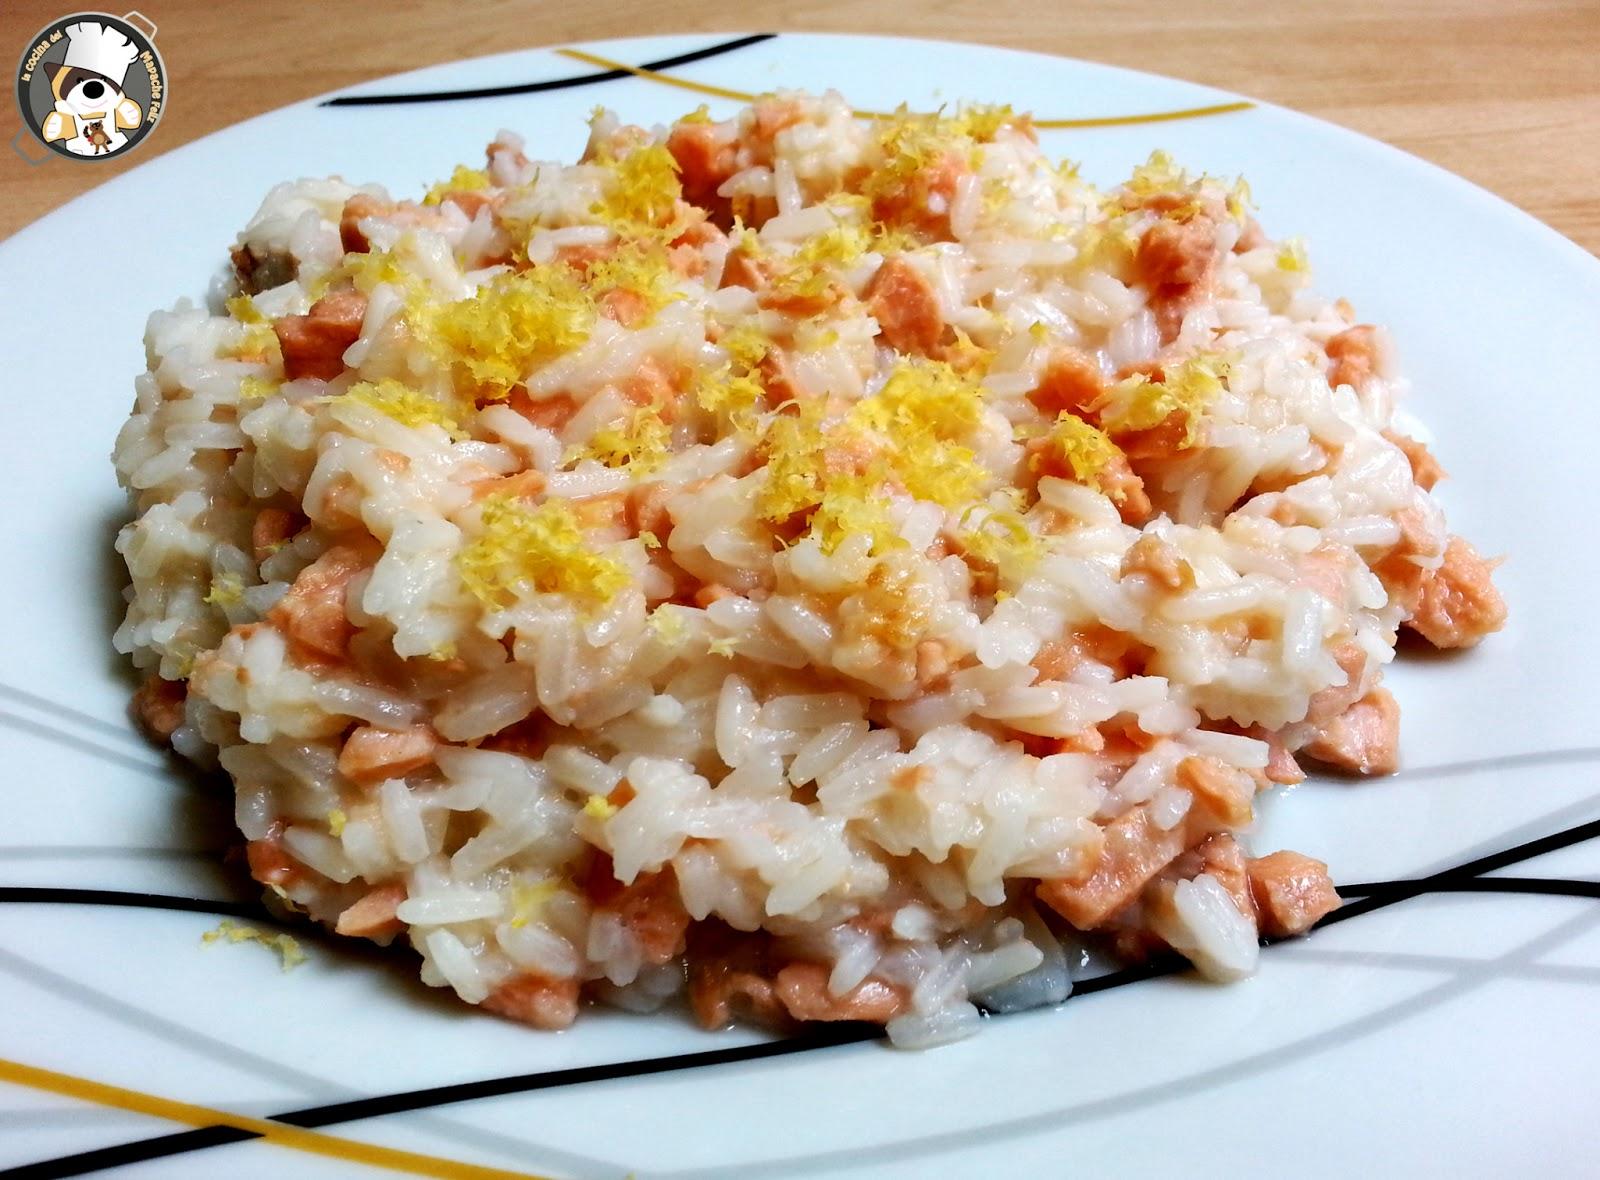 recetas r pidas arroz y salm n c tricos la cocina del